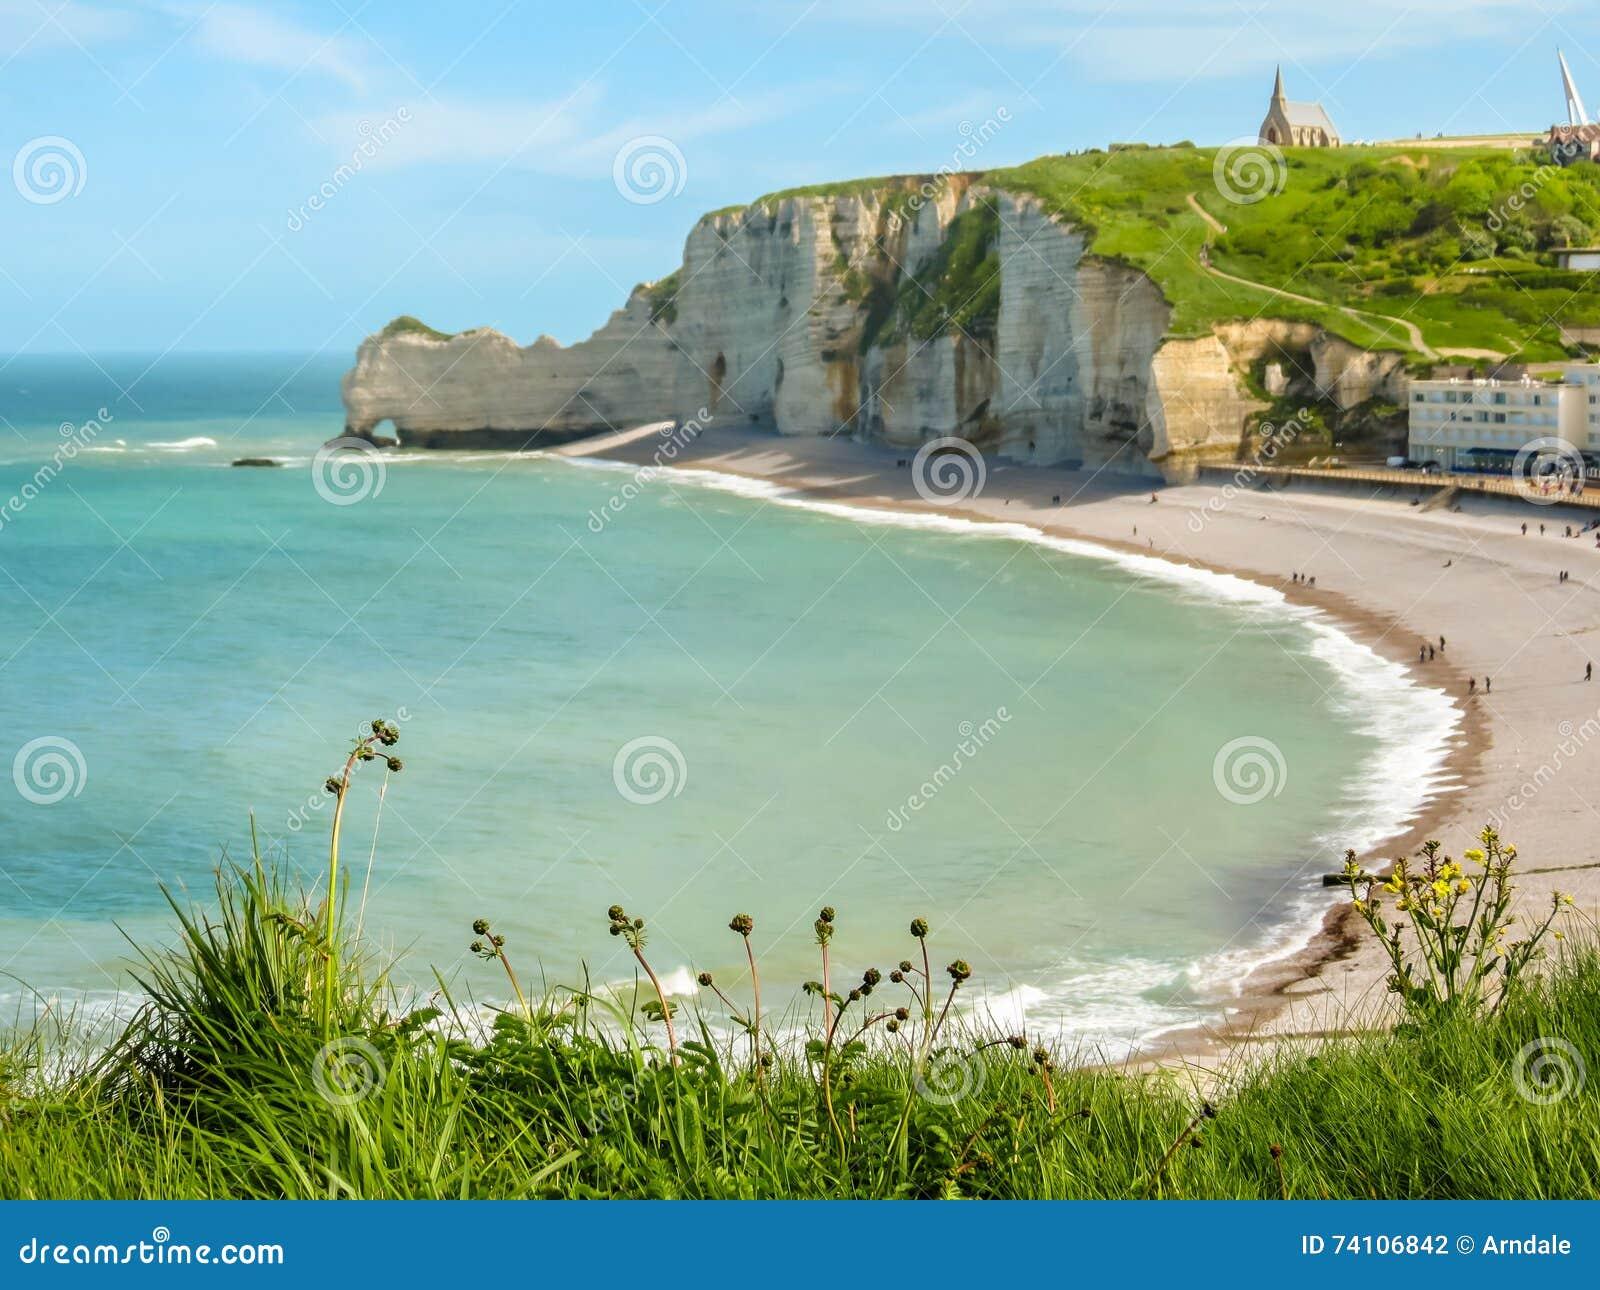 Klippen Und Strand Von Etretat Normandie Frankreich Stockfoto Bild Von Strand Frankreich 74106842